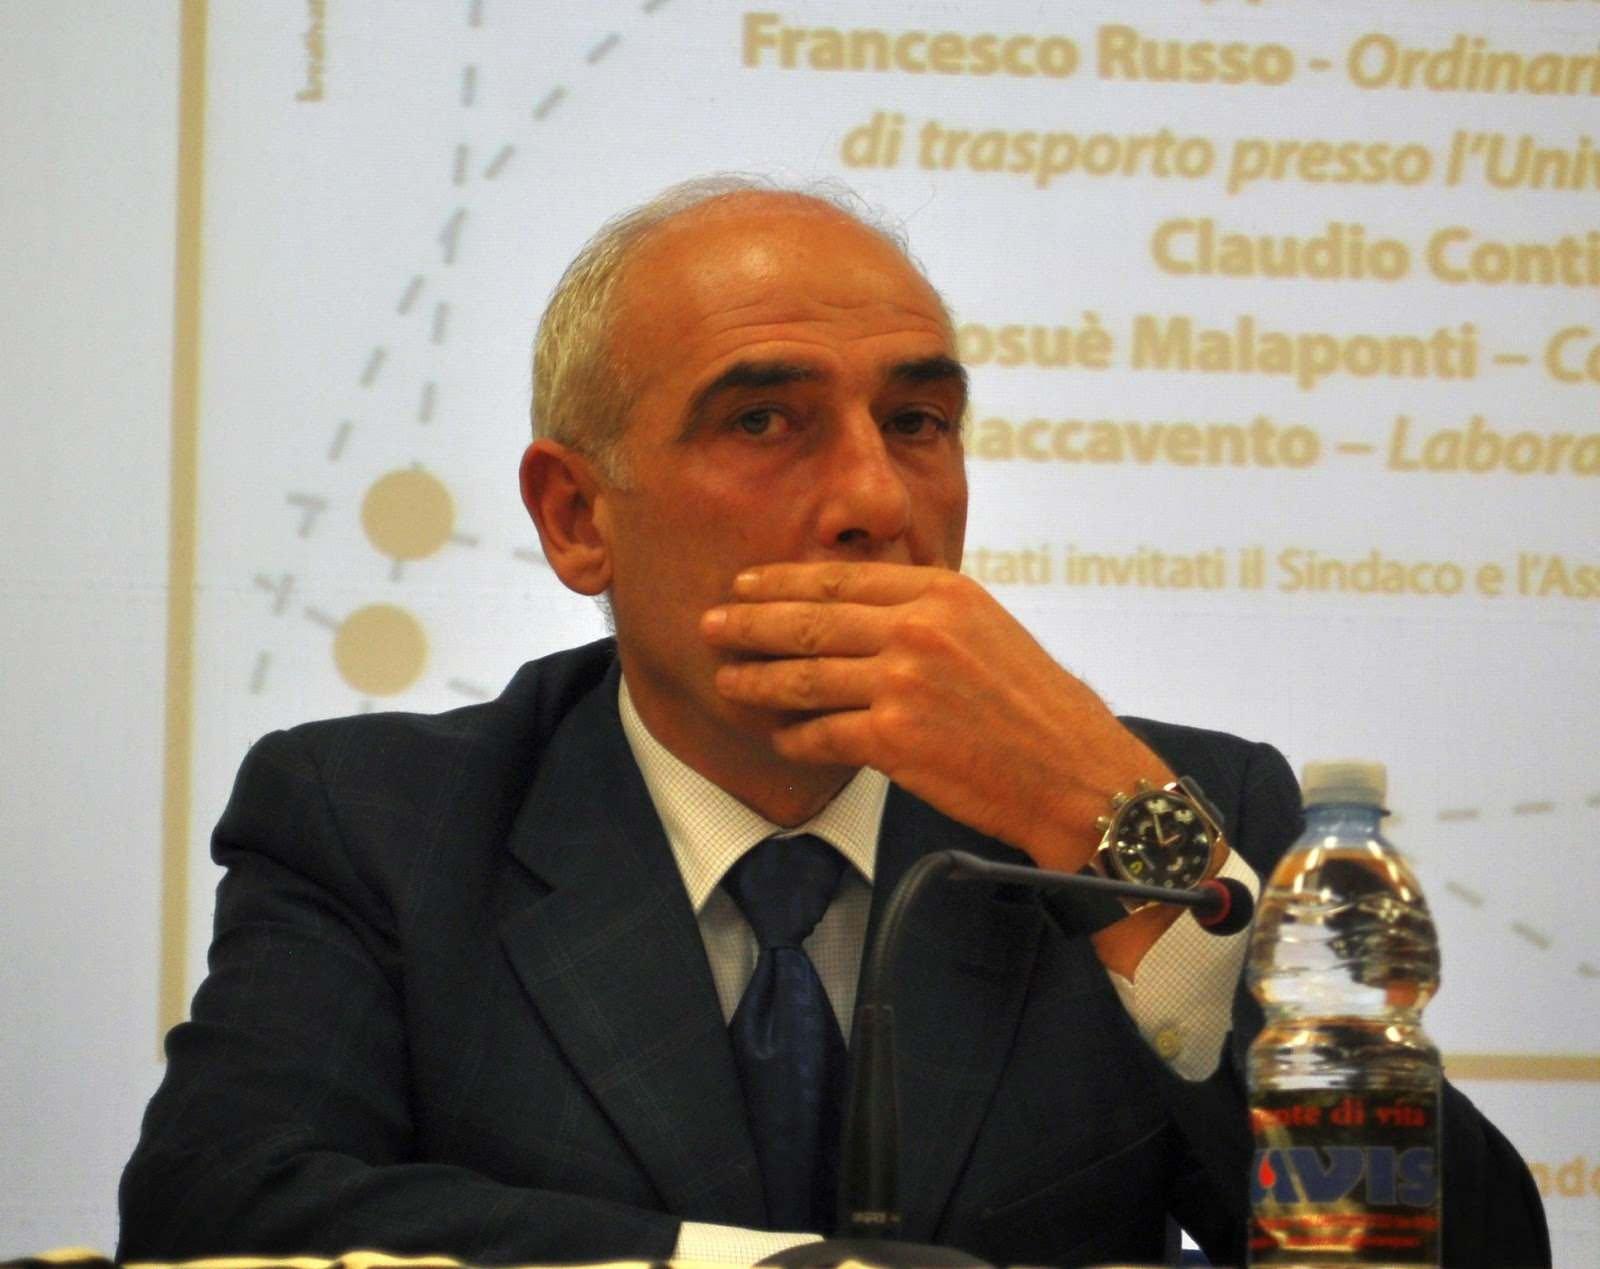 """Anomalie negli orari dei treni regionali varati da poco, Malaponti: """"Ripristinare fermata di Calatabiano"""""""